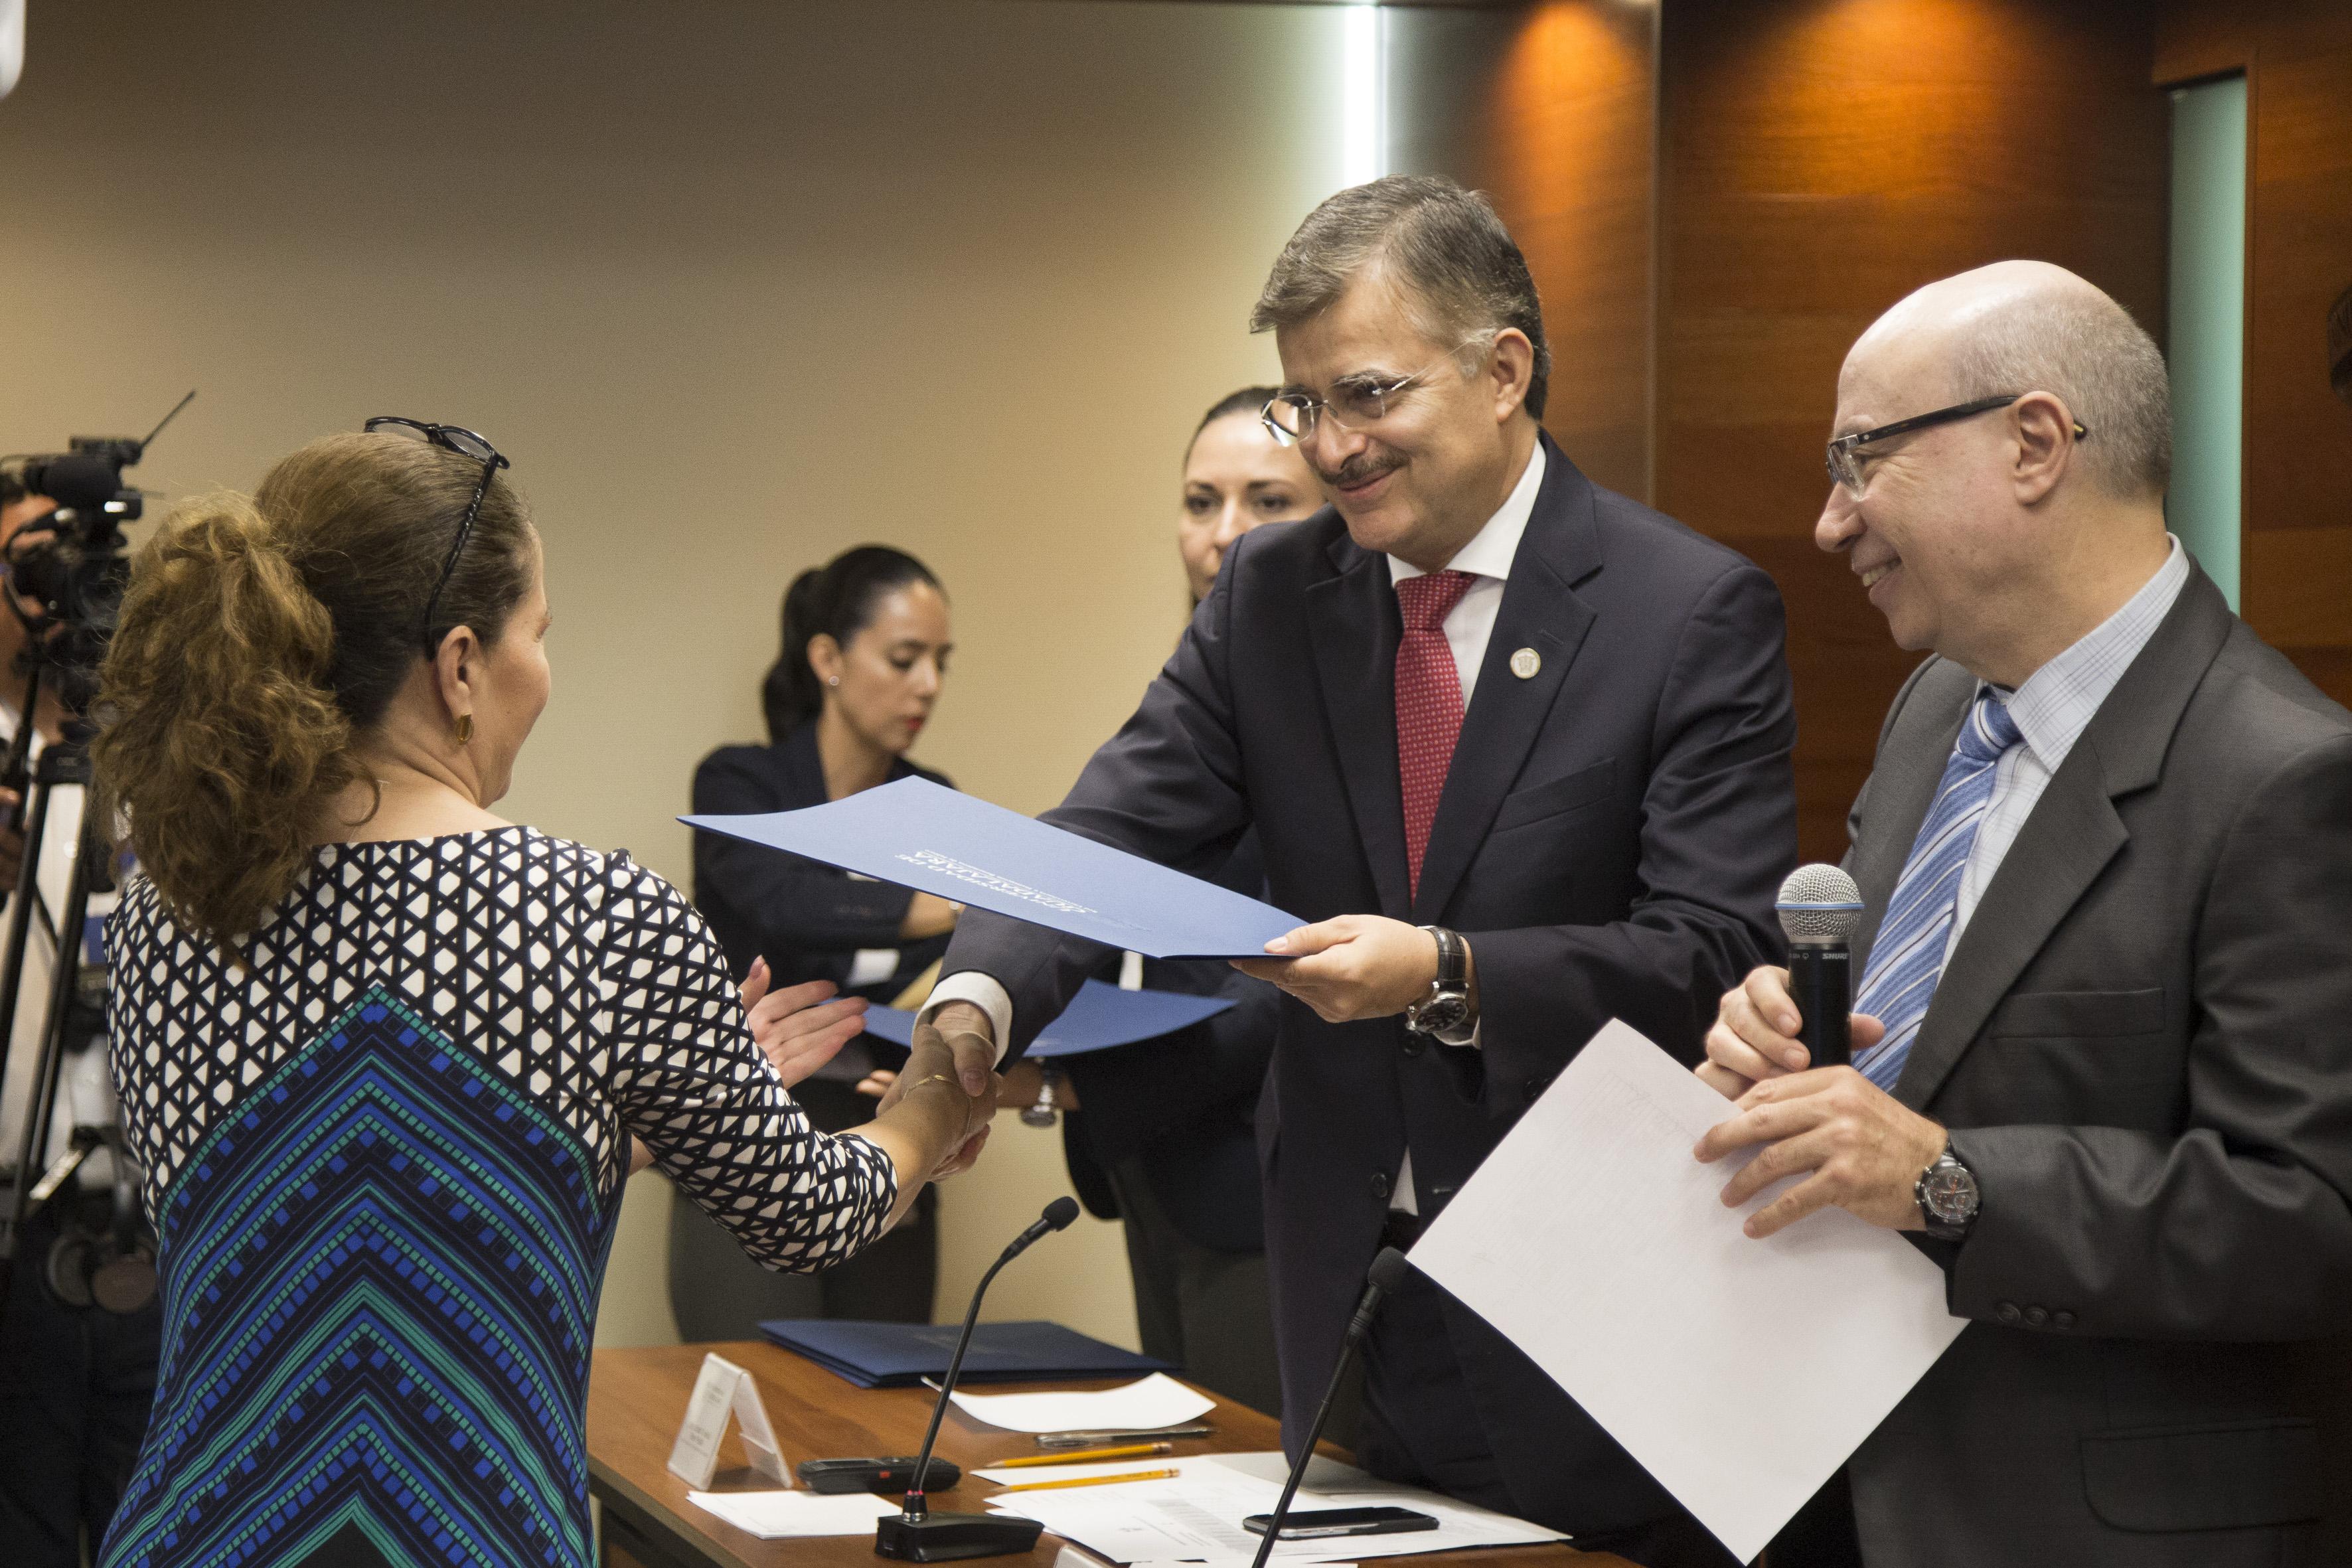 Consejera recibiendo constancia  de parte del Rector General de la Universidad de Guadalajara (UdeG), maestro Itzcóatl Tonatiuh Bravo Padilla